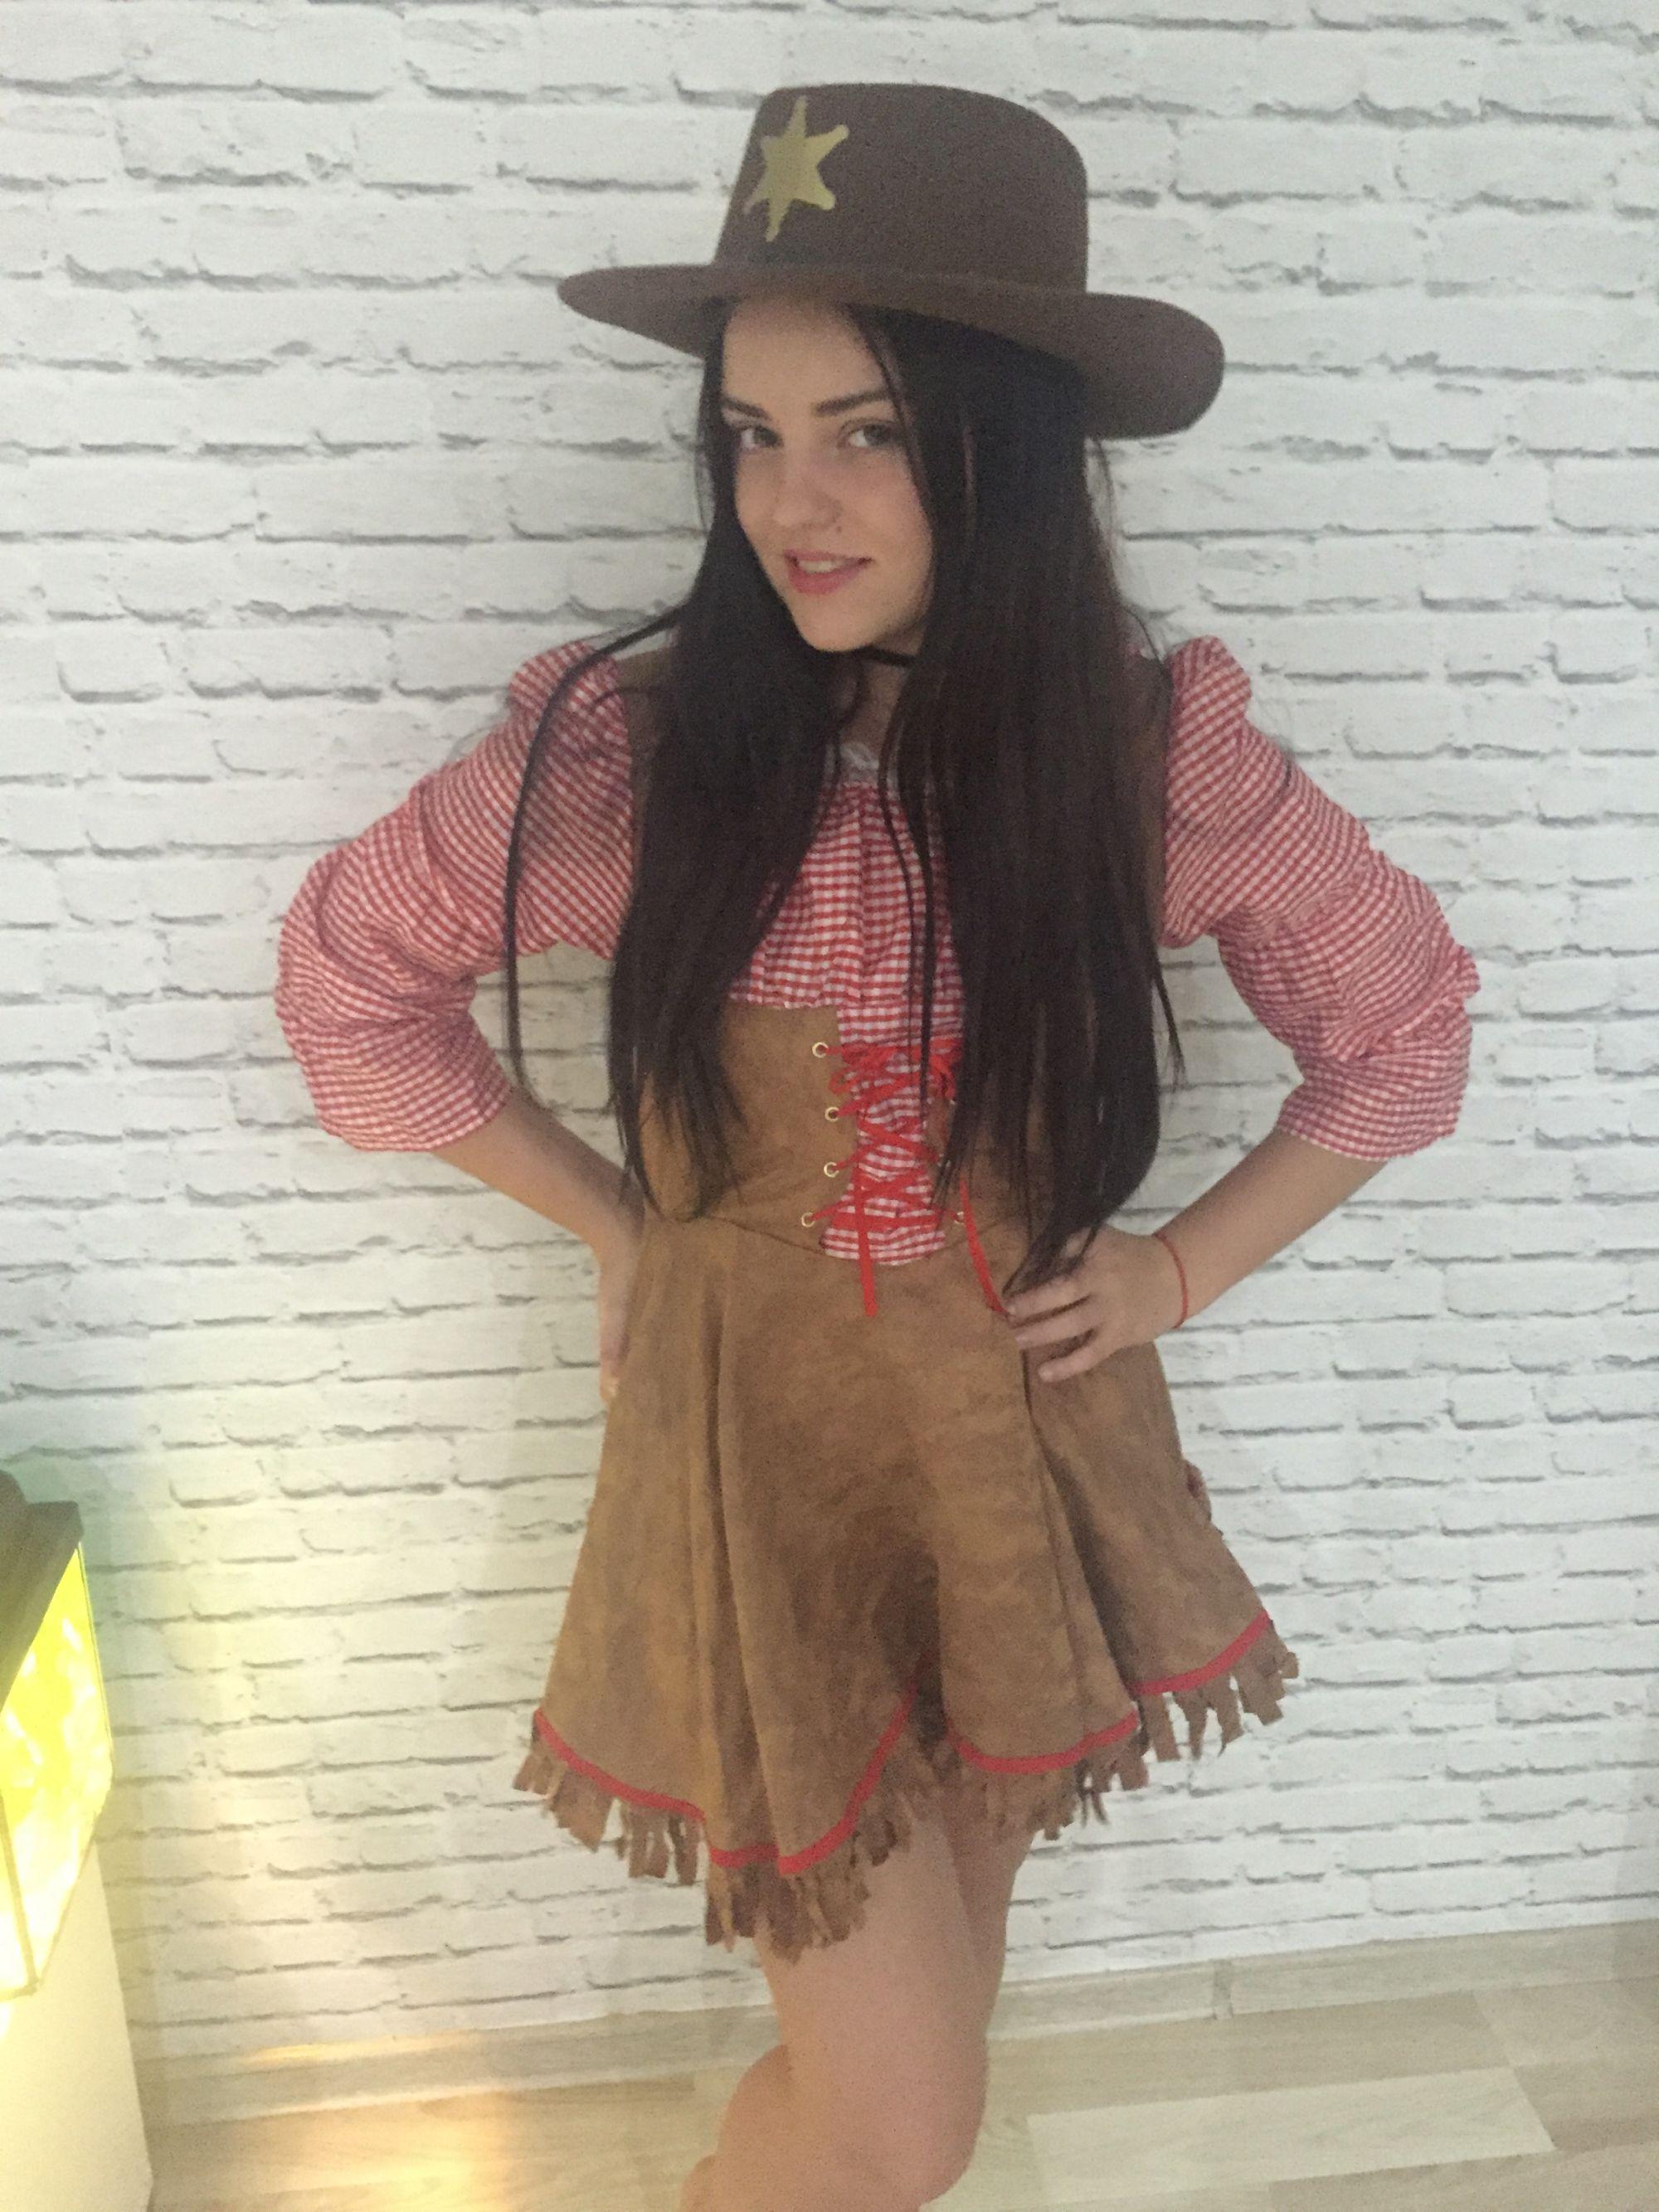 Cowboyka4